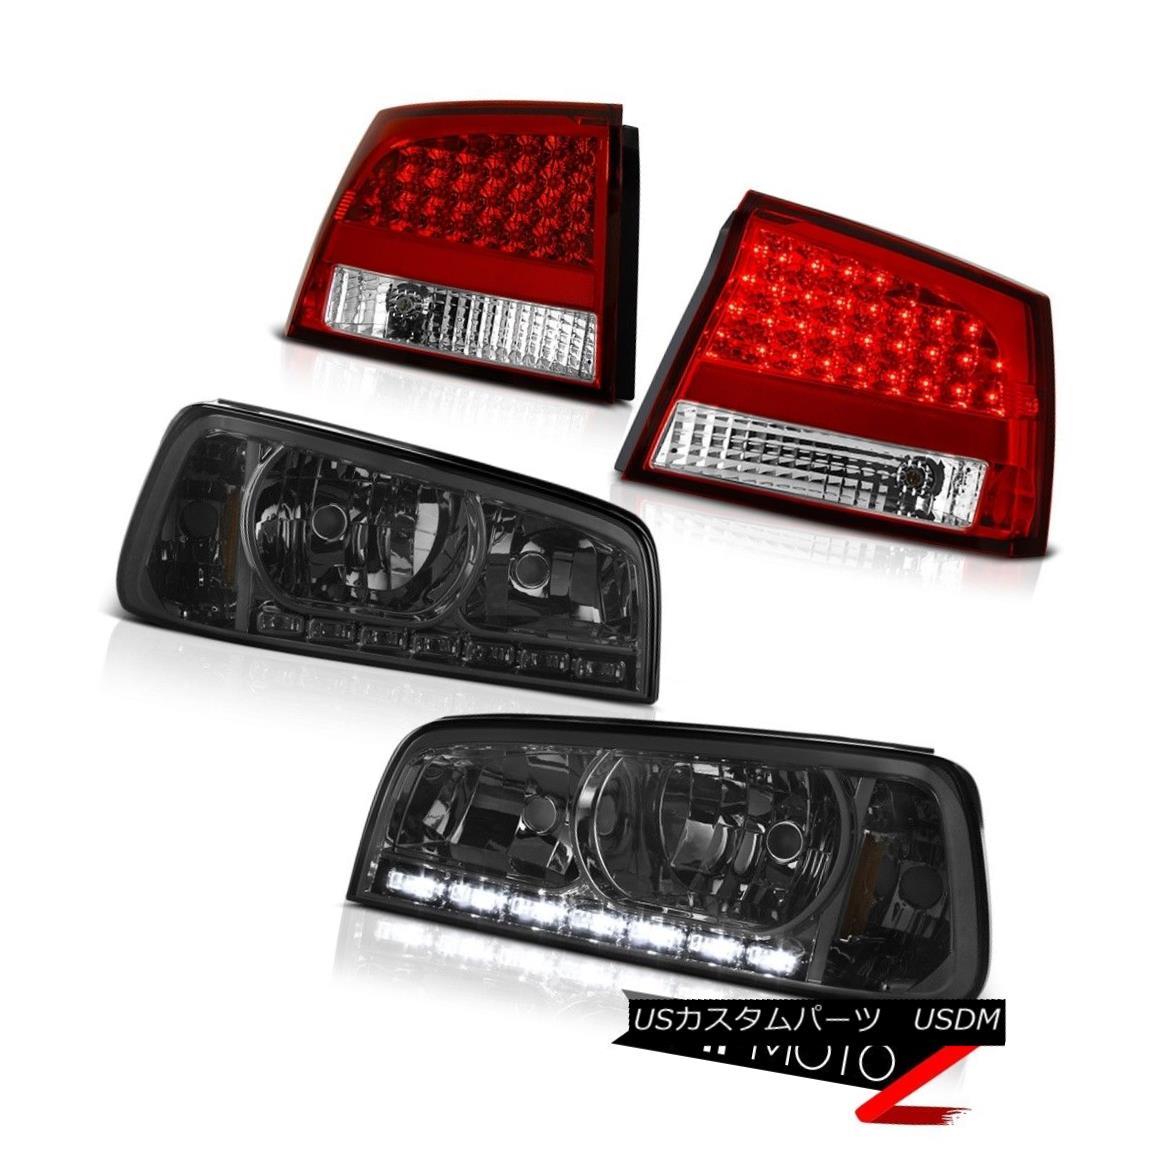 ヘッドライト 06-08 Charger 6.1L Crystal Smoke Headlights LED Brake Taillights Lamps Assembly 06-08充電器6.1LクリスタルスモークヘッドライトLEDブレーキティアライトランプアセンブリ